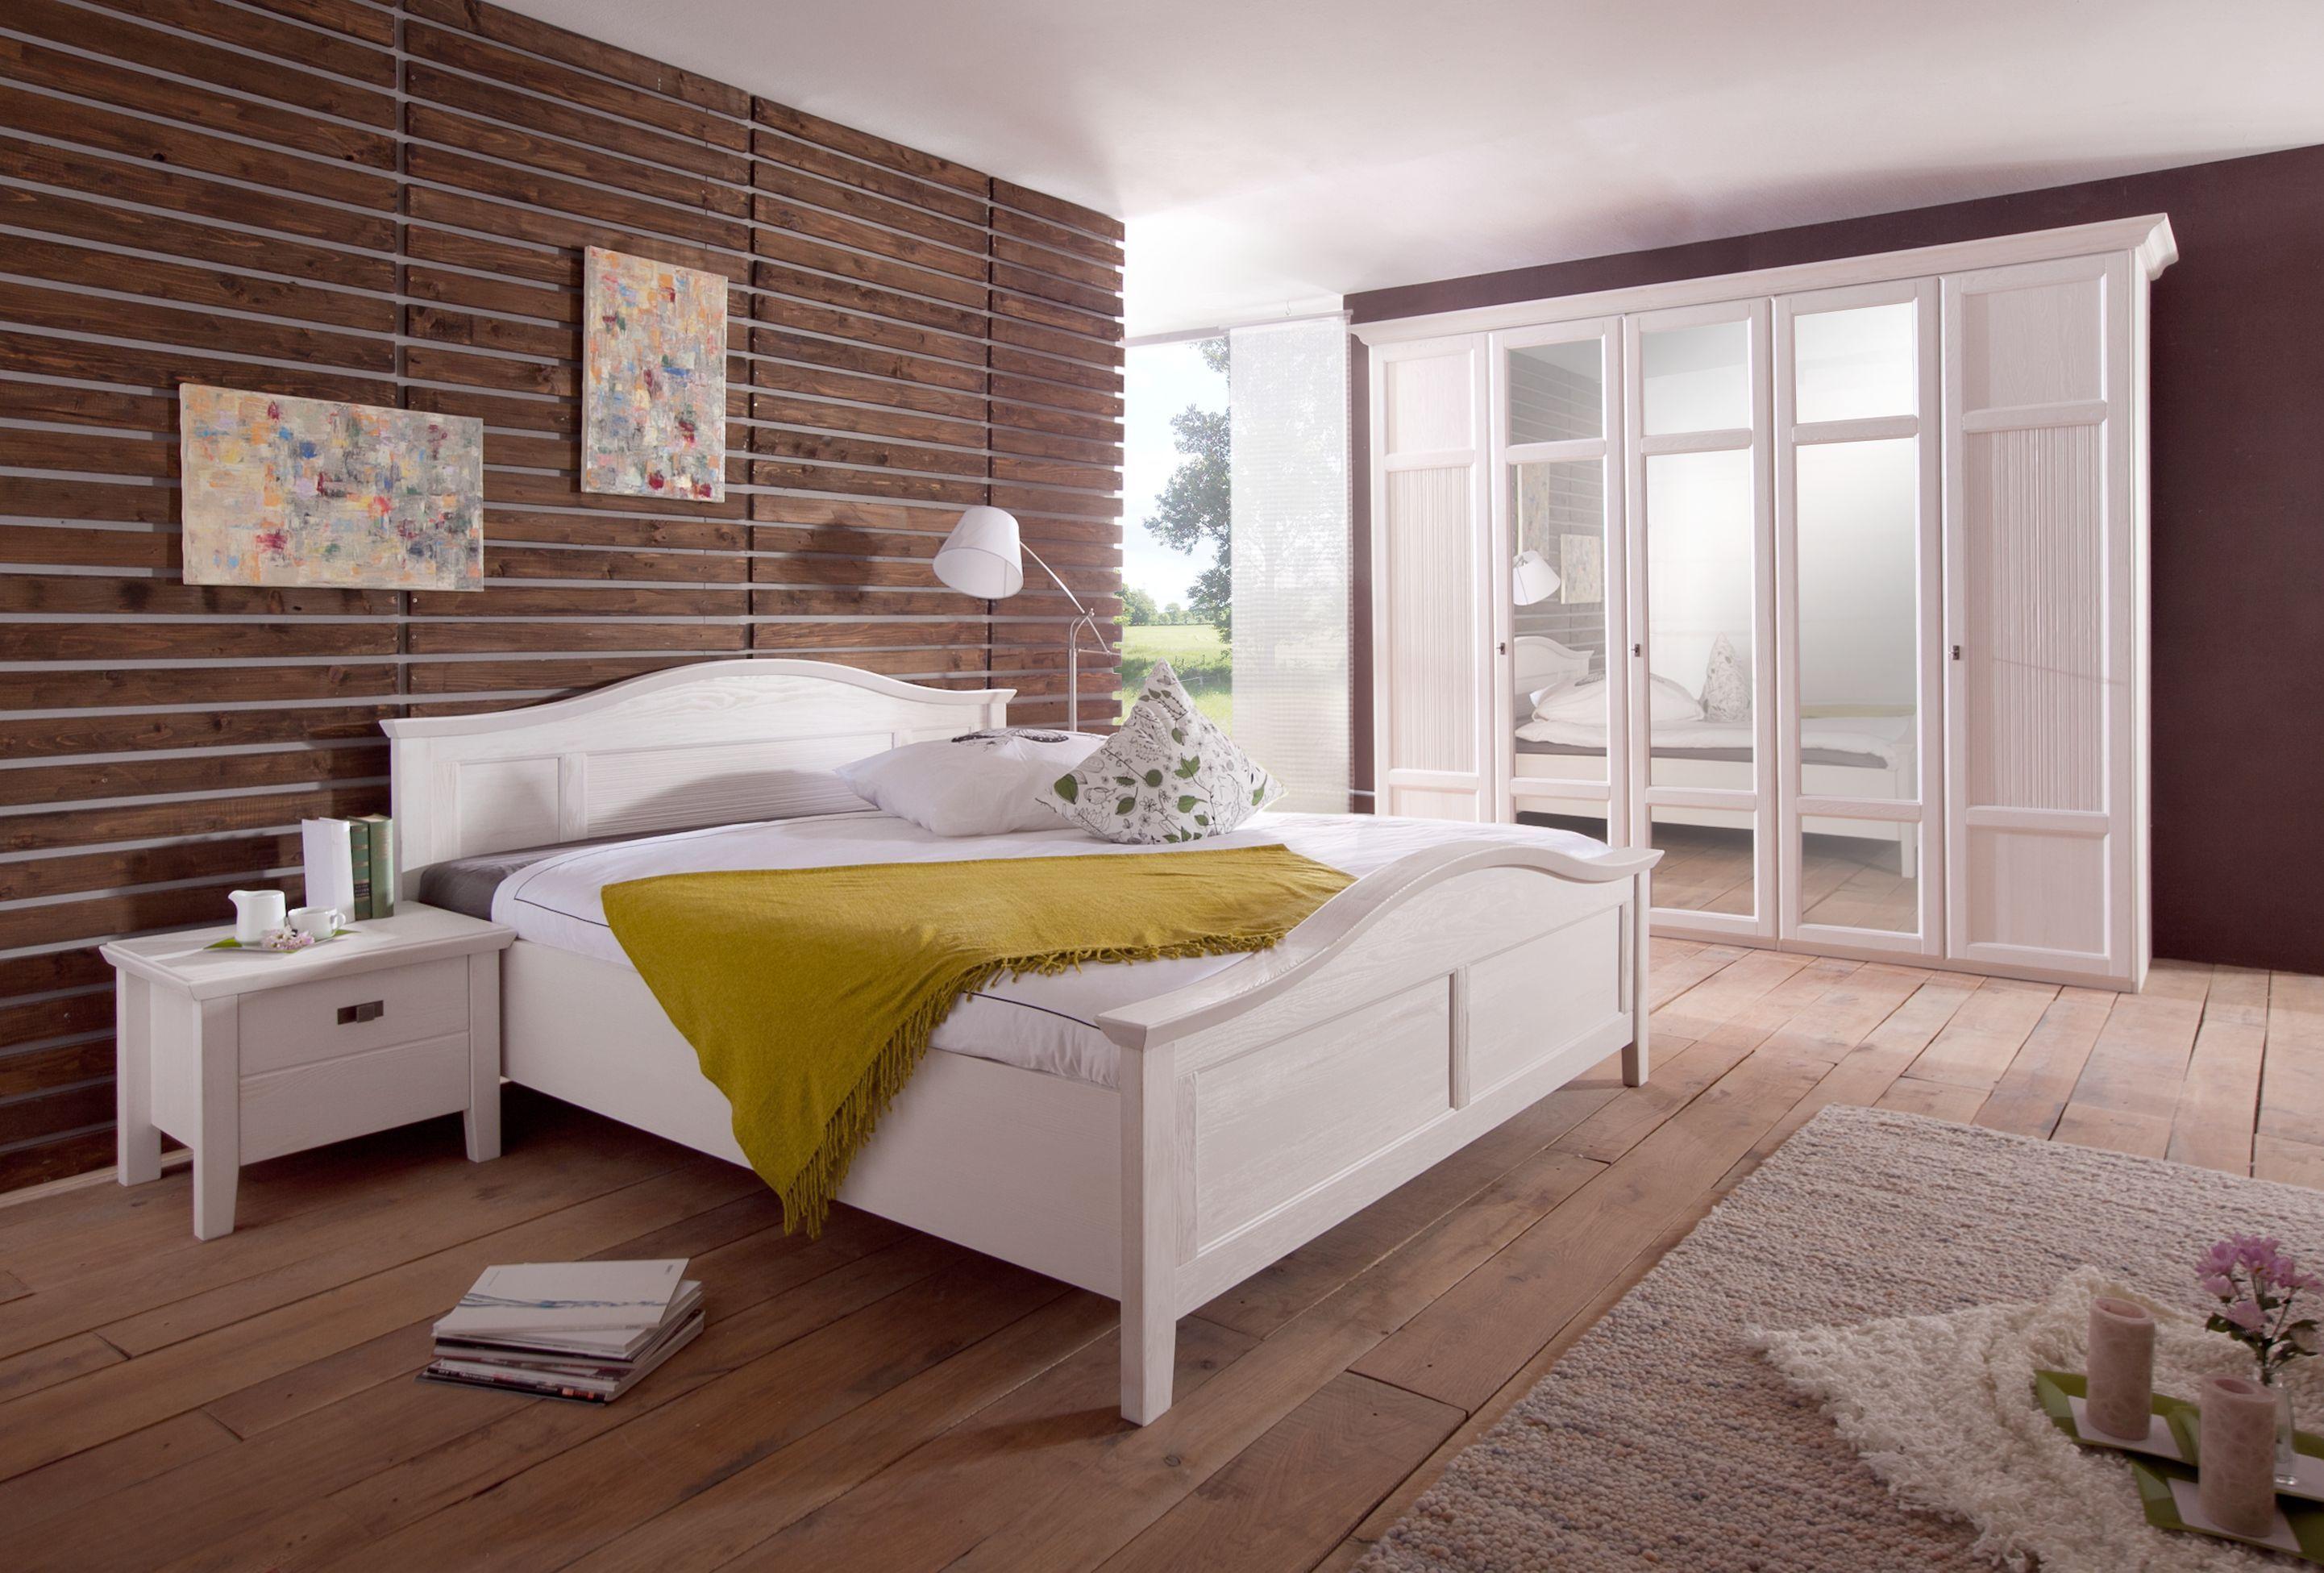 Schlafzimmer Mit Bett 180 X 200 Cm Pinie Teilmassiv Weiss